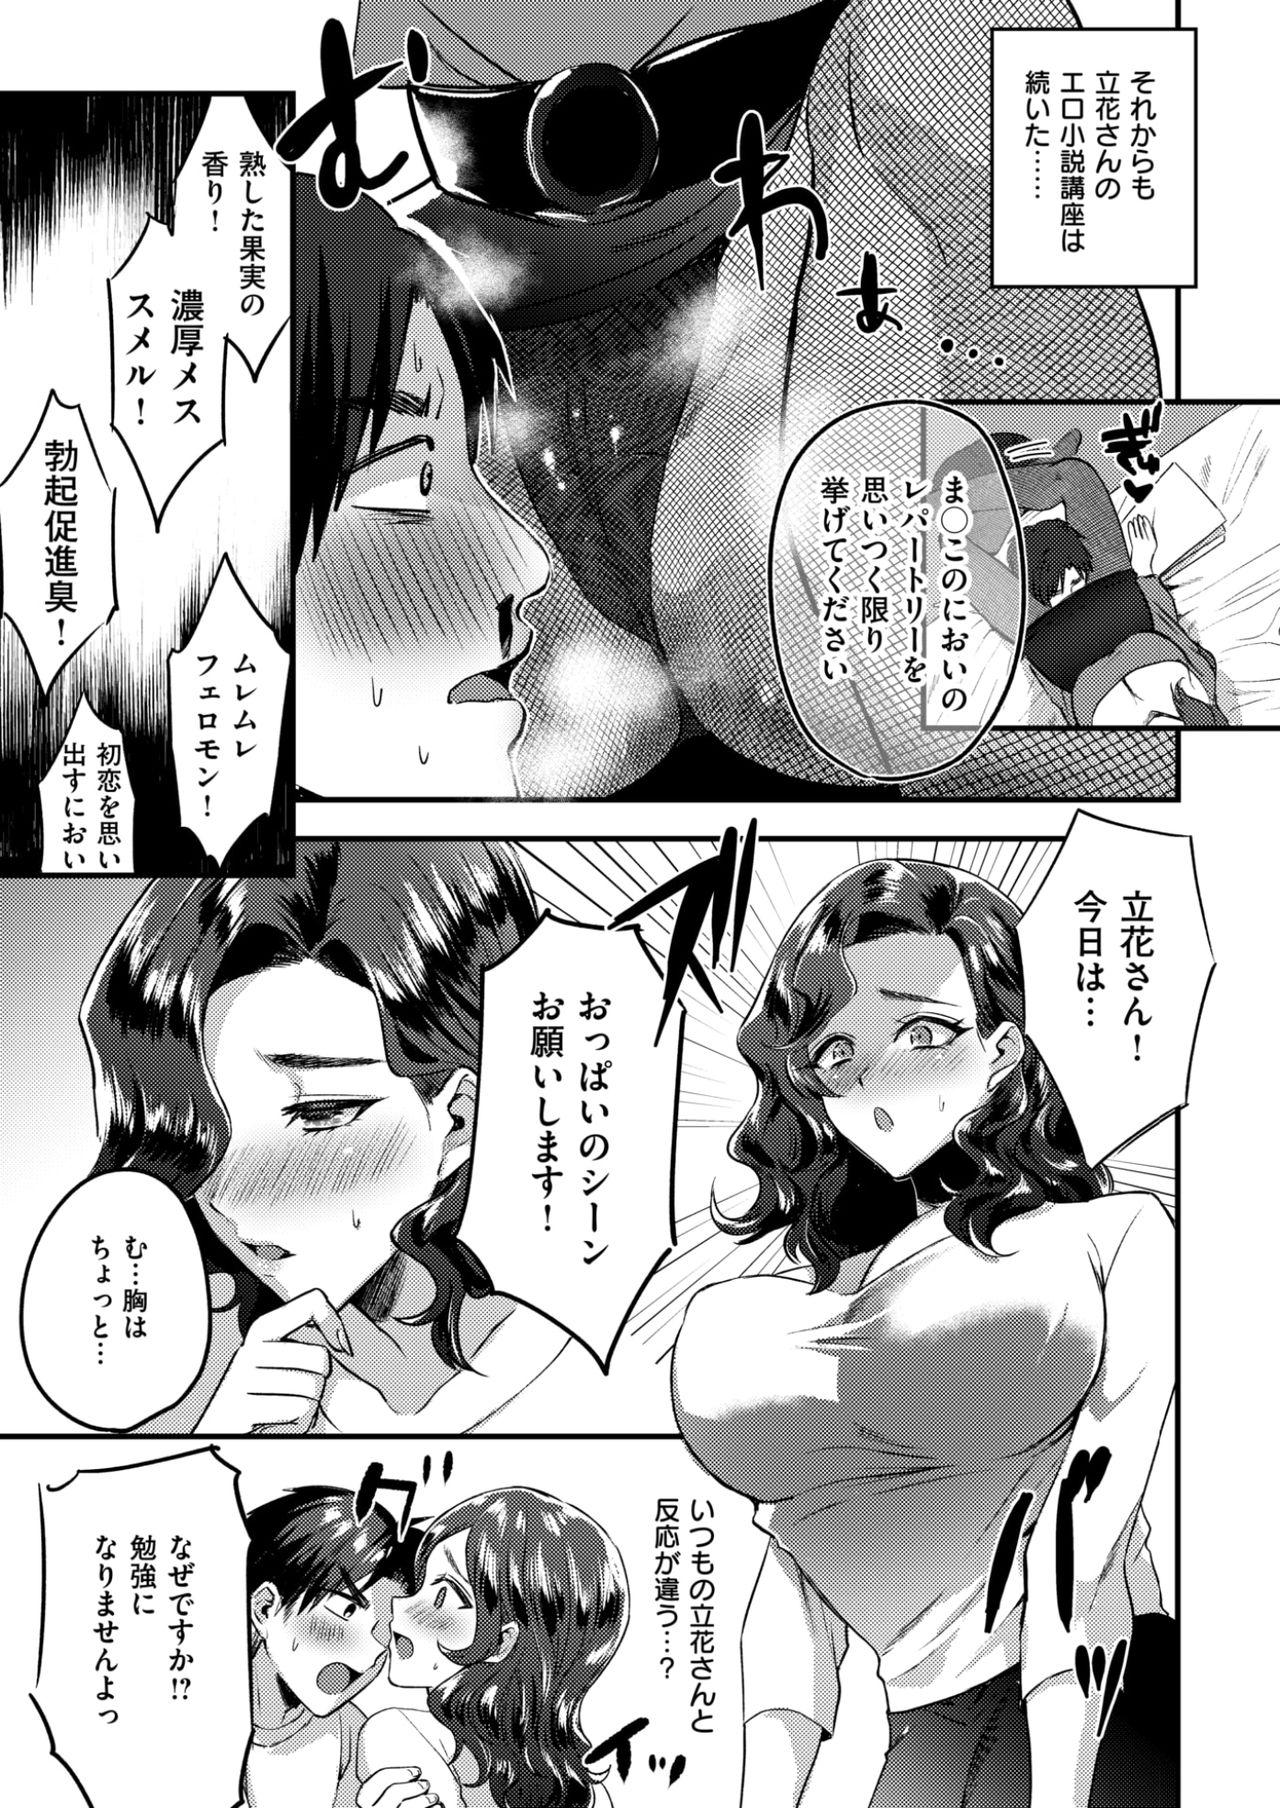 COMIC Shitsurakuten 2017-06 284